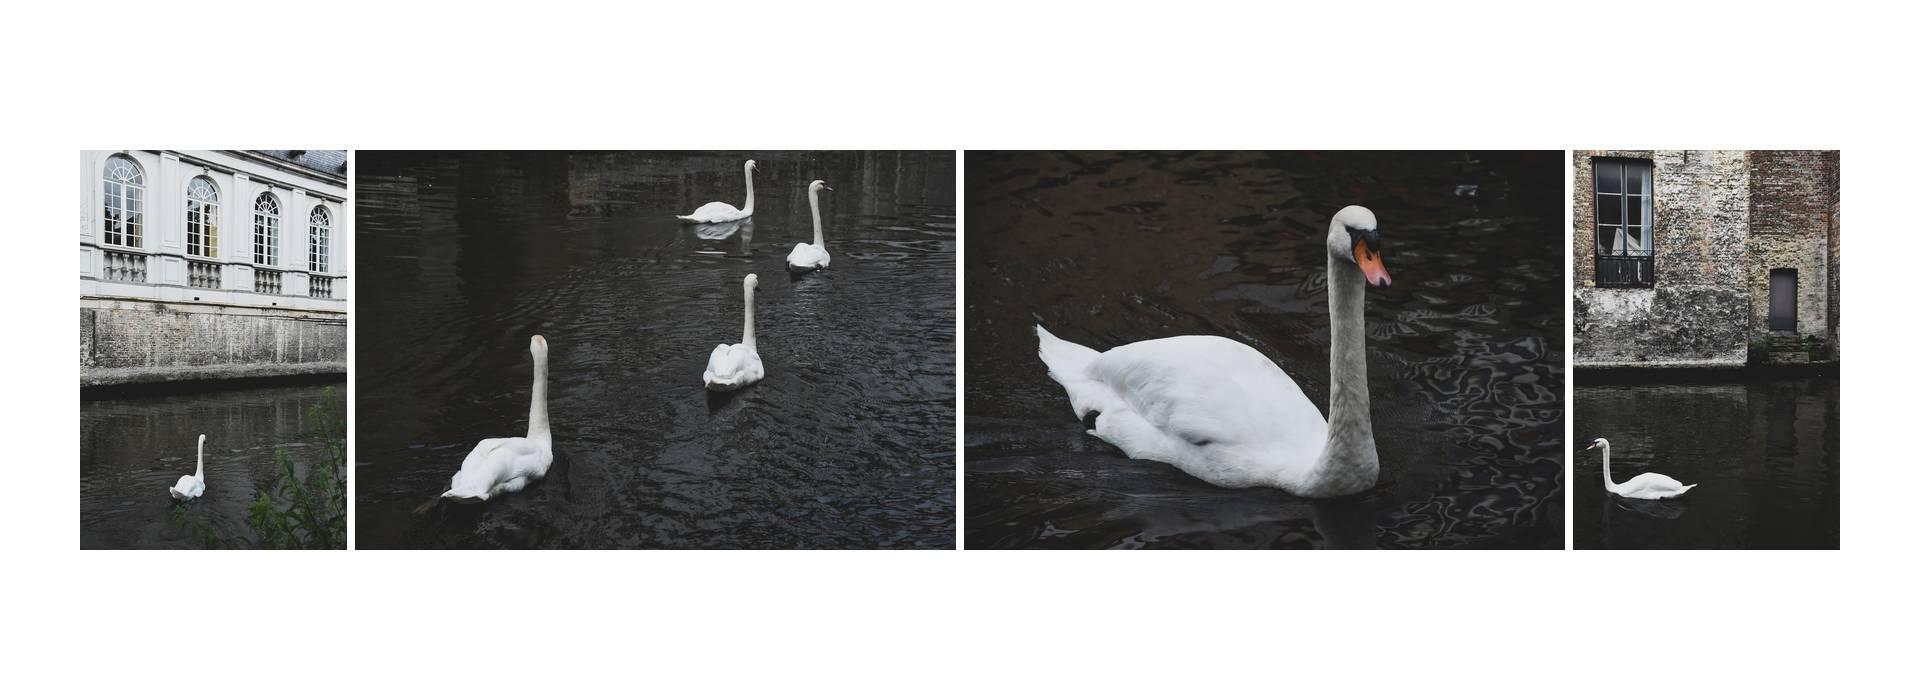 Live your Life - Brujas - Los cisnes